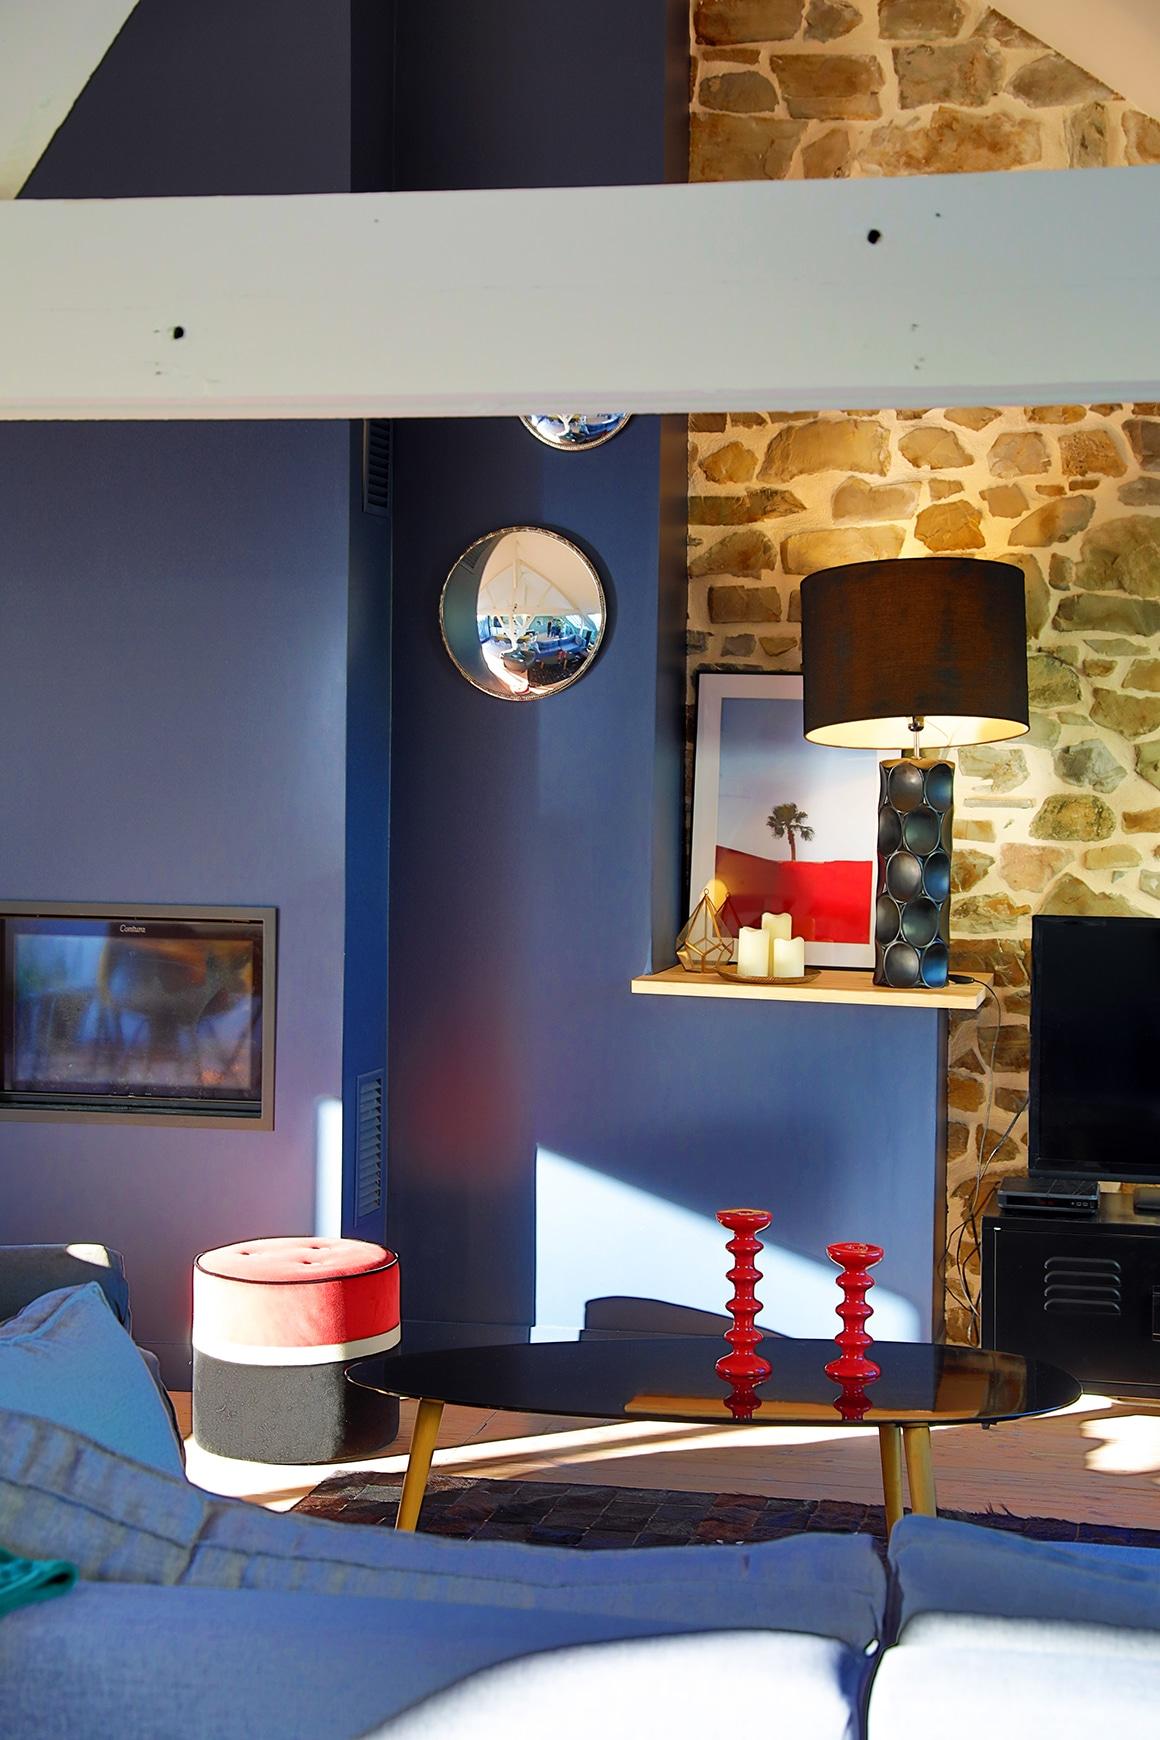 Création d'ambiance - granville - decoration interieur - cover06